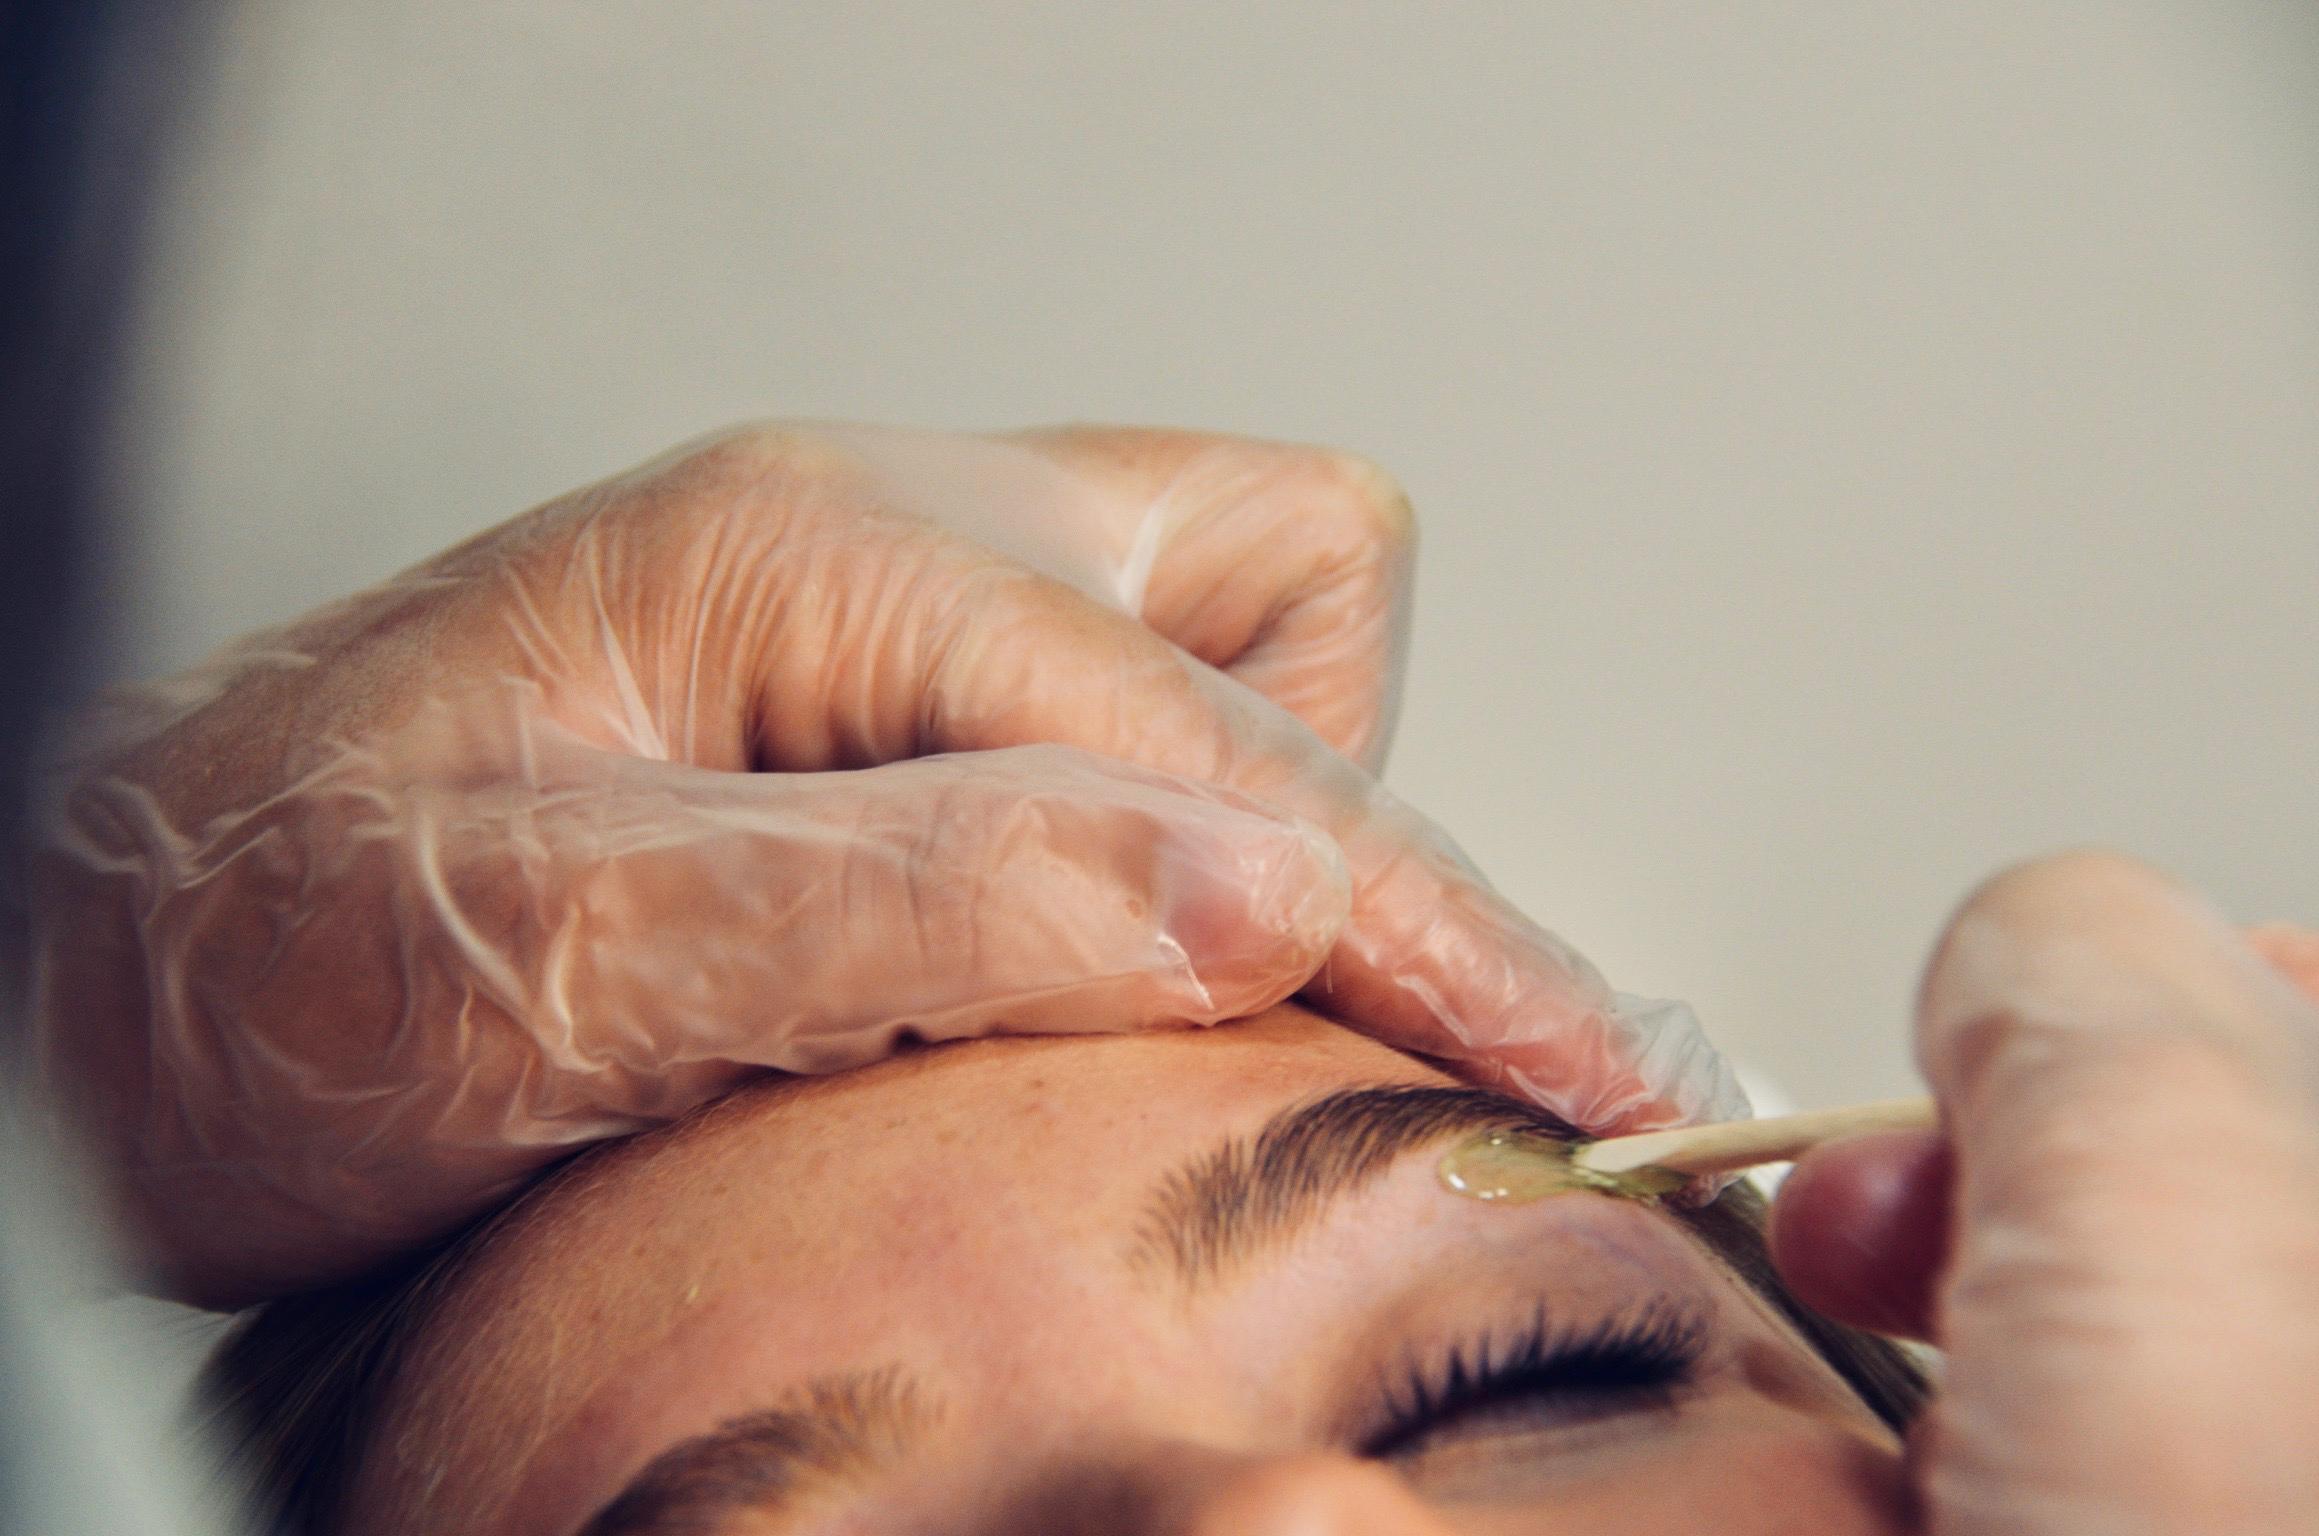 Eyebrow wax at a facial franchise